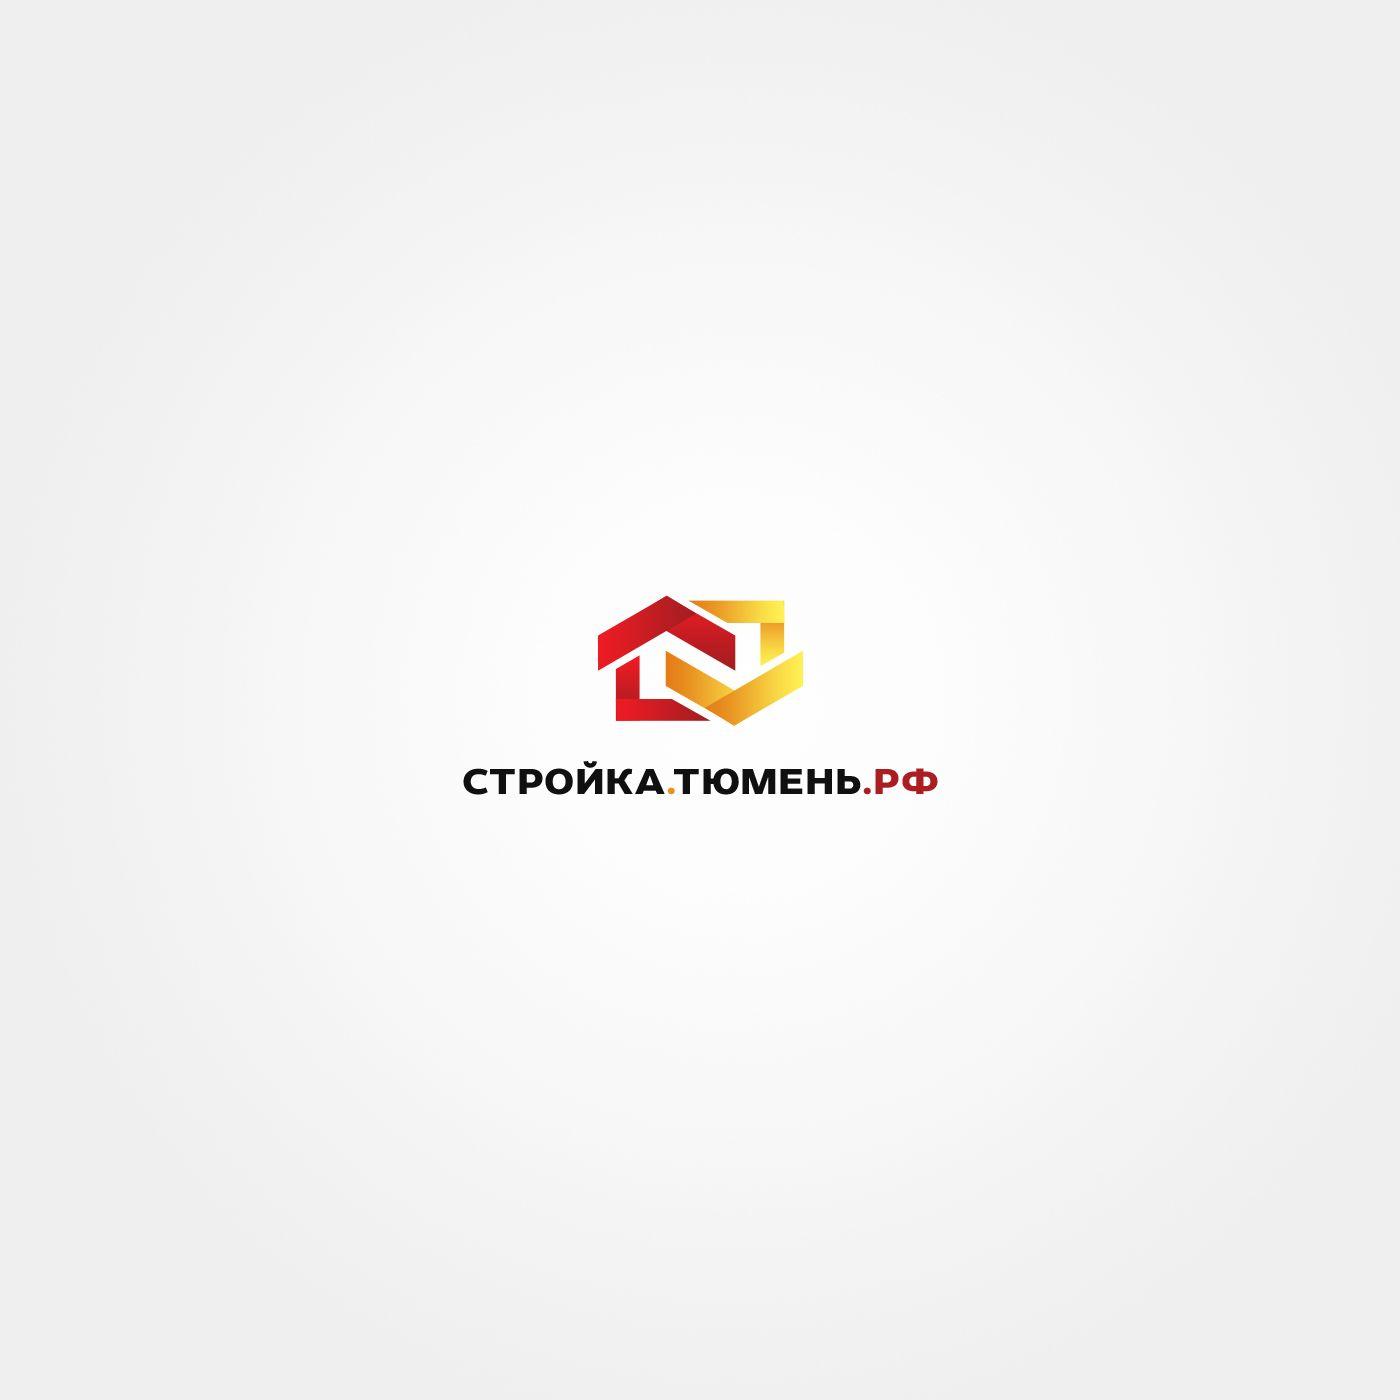 Логотип для строительного портала - дизайнер benks